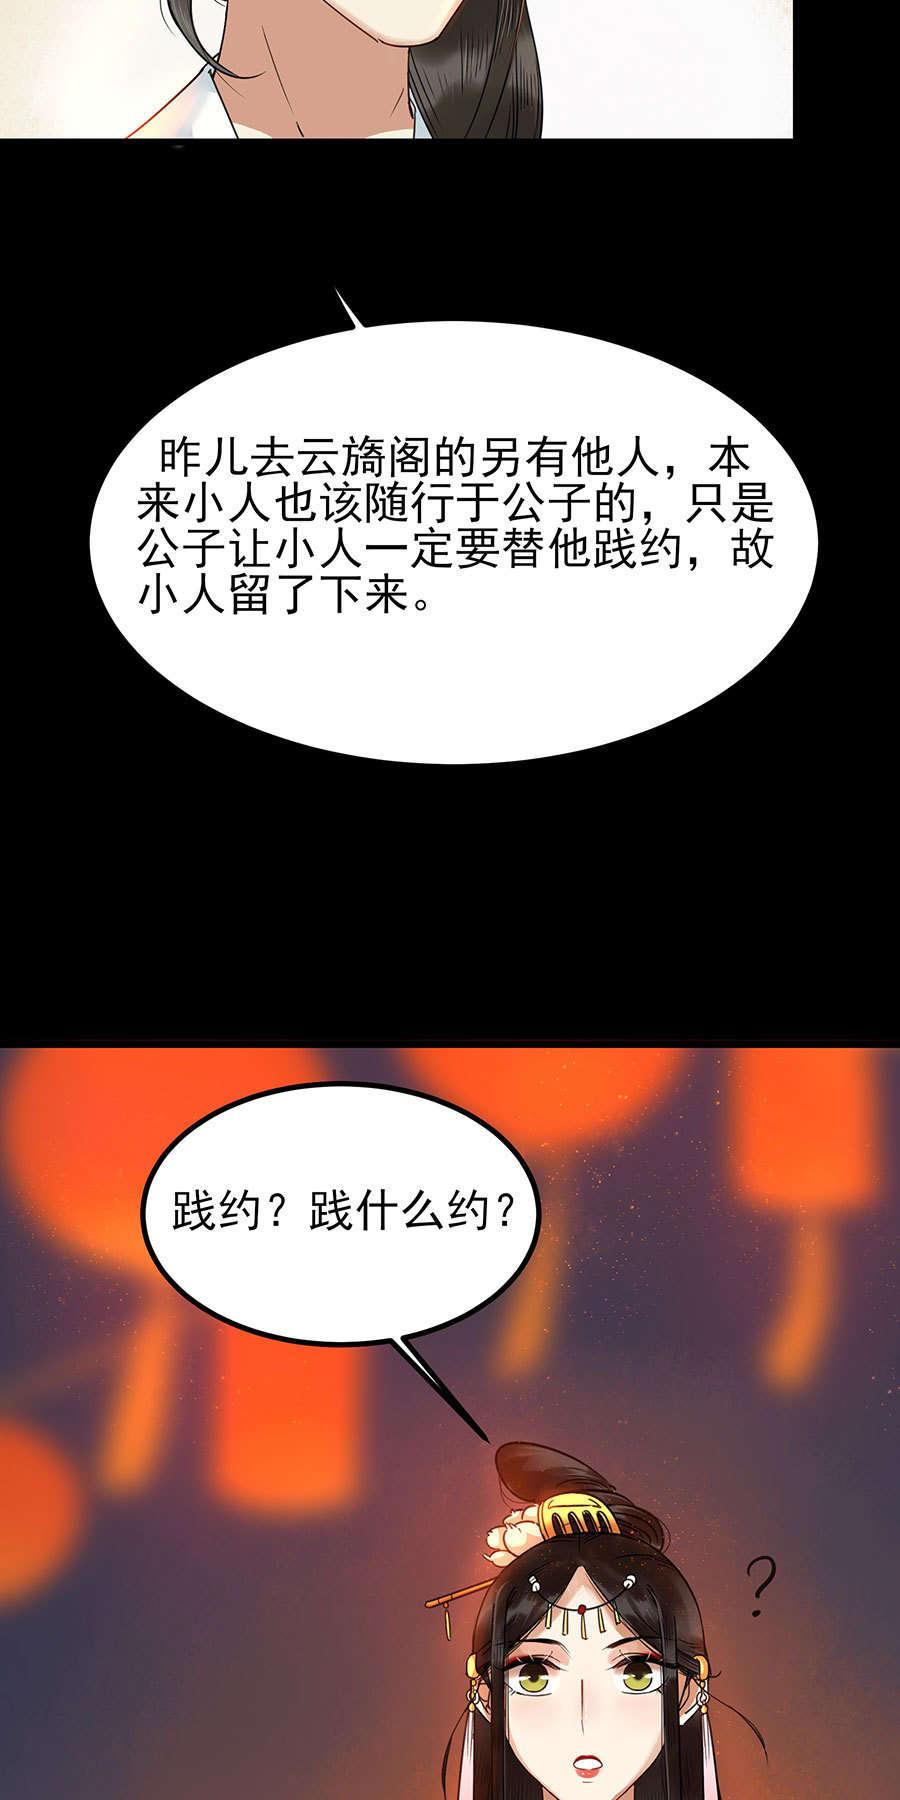 晚唐烟华第8话  失约(评论有礼) 第 5